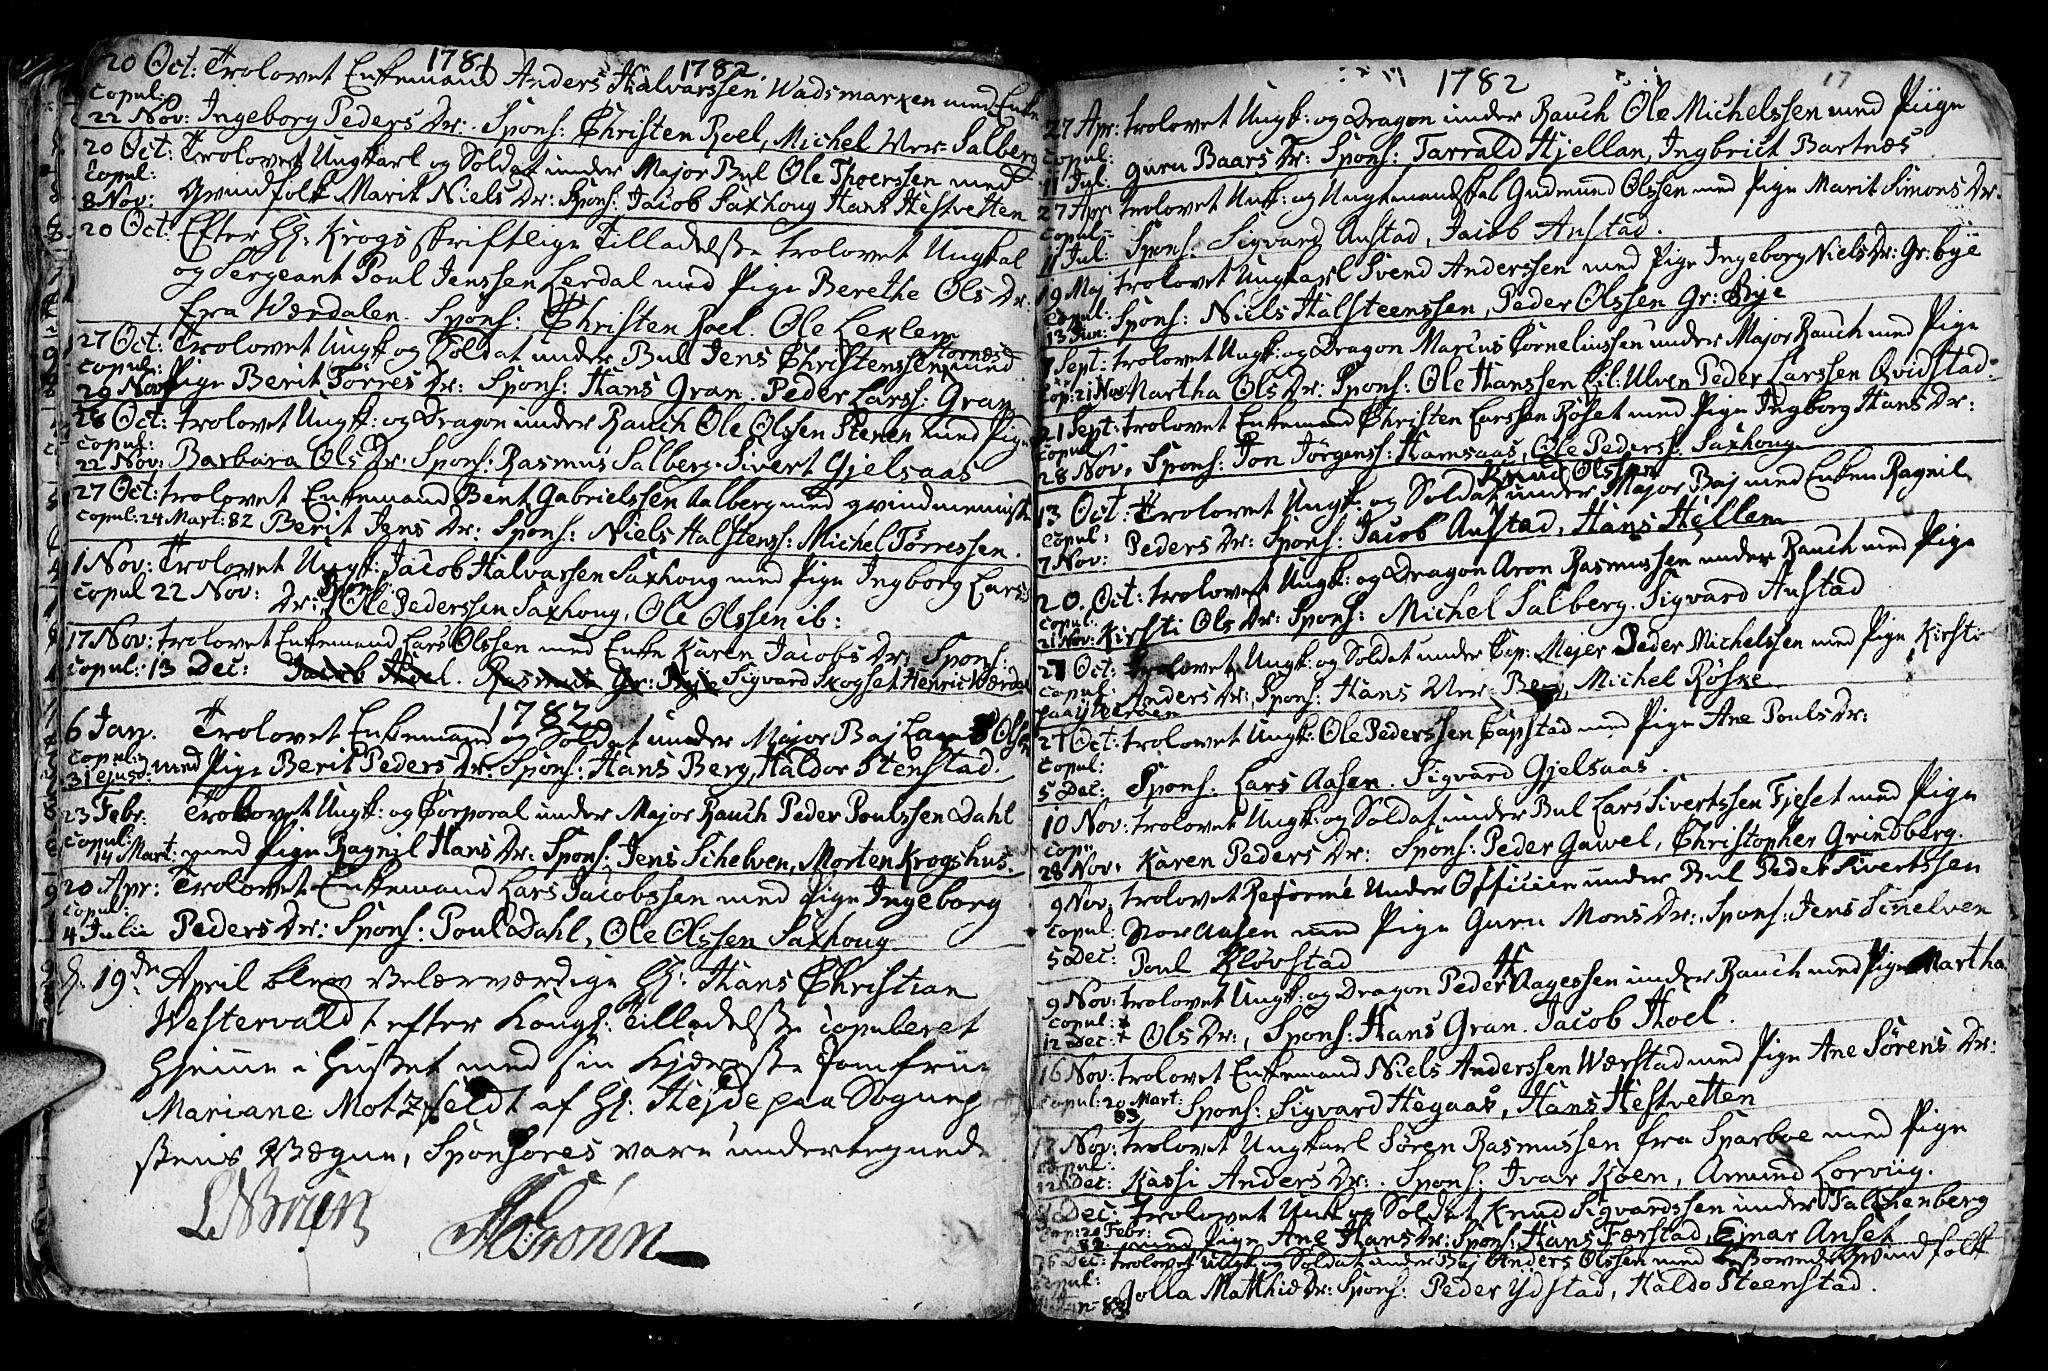 SAT, Ministerialprotokoller, klokkerbøker og fødselsregistre - Nord-Trøndelag, 730/L0273: Ministerialbok nr. 730A02, 1762-1802, s. 17